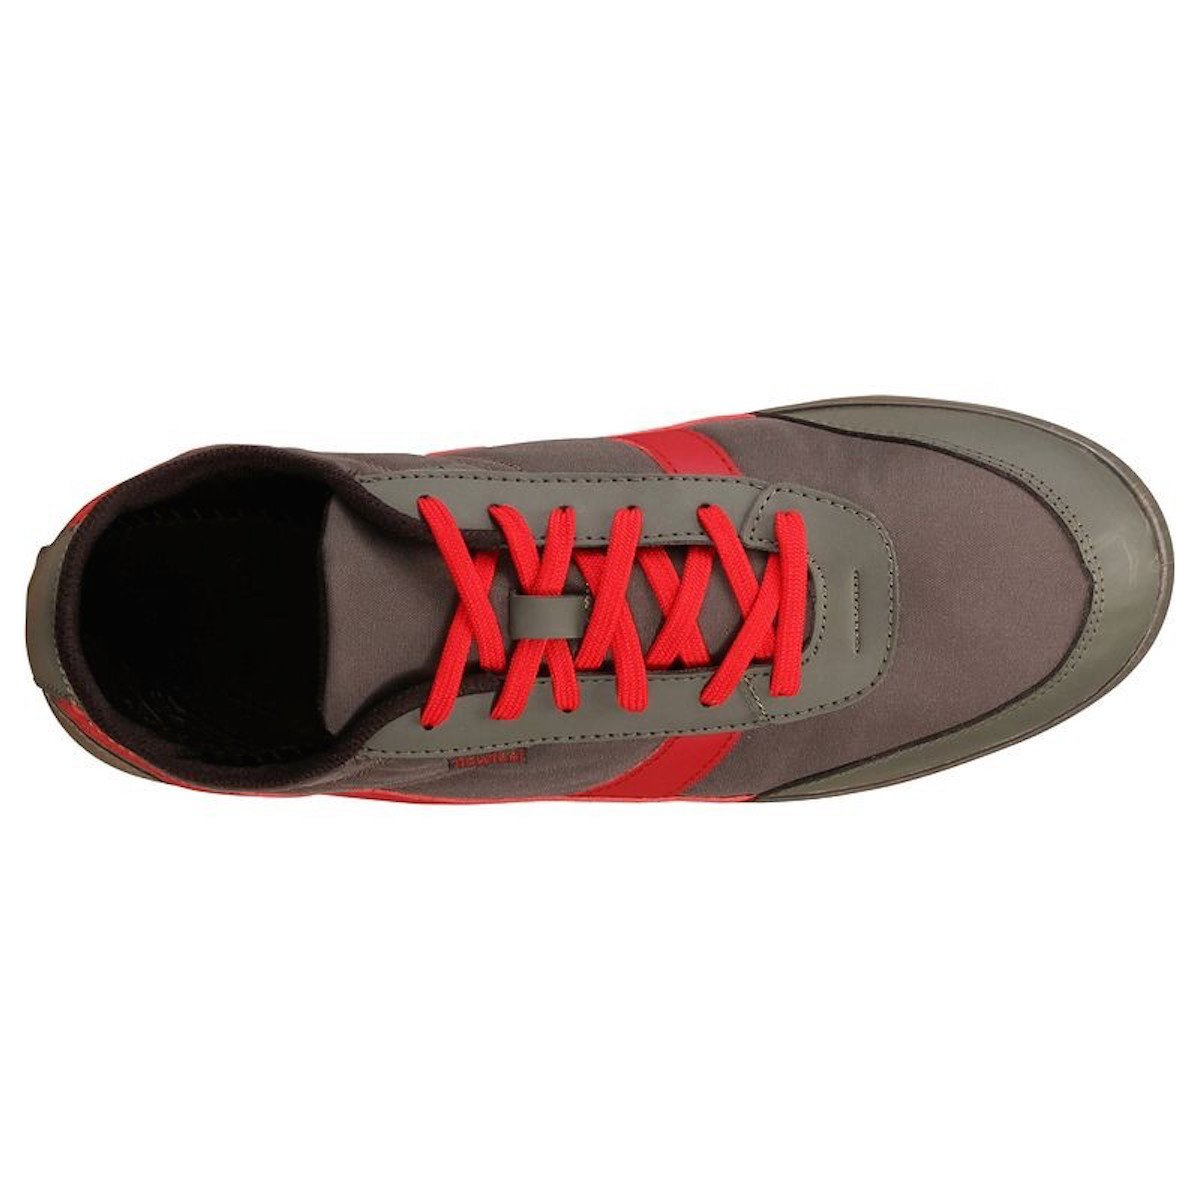 NEWFEEL - Zapatillas de Lona para niño Verde Kaki-Rot/Kaki-Red: Amazon.es: Zapatos y complementos